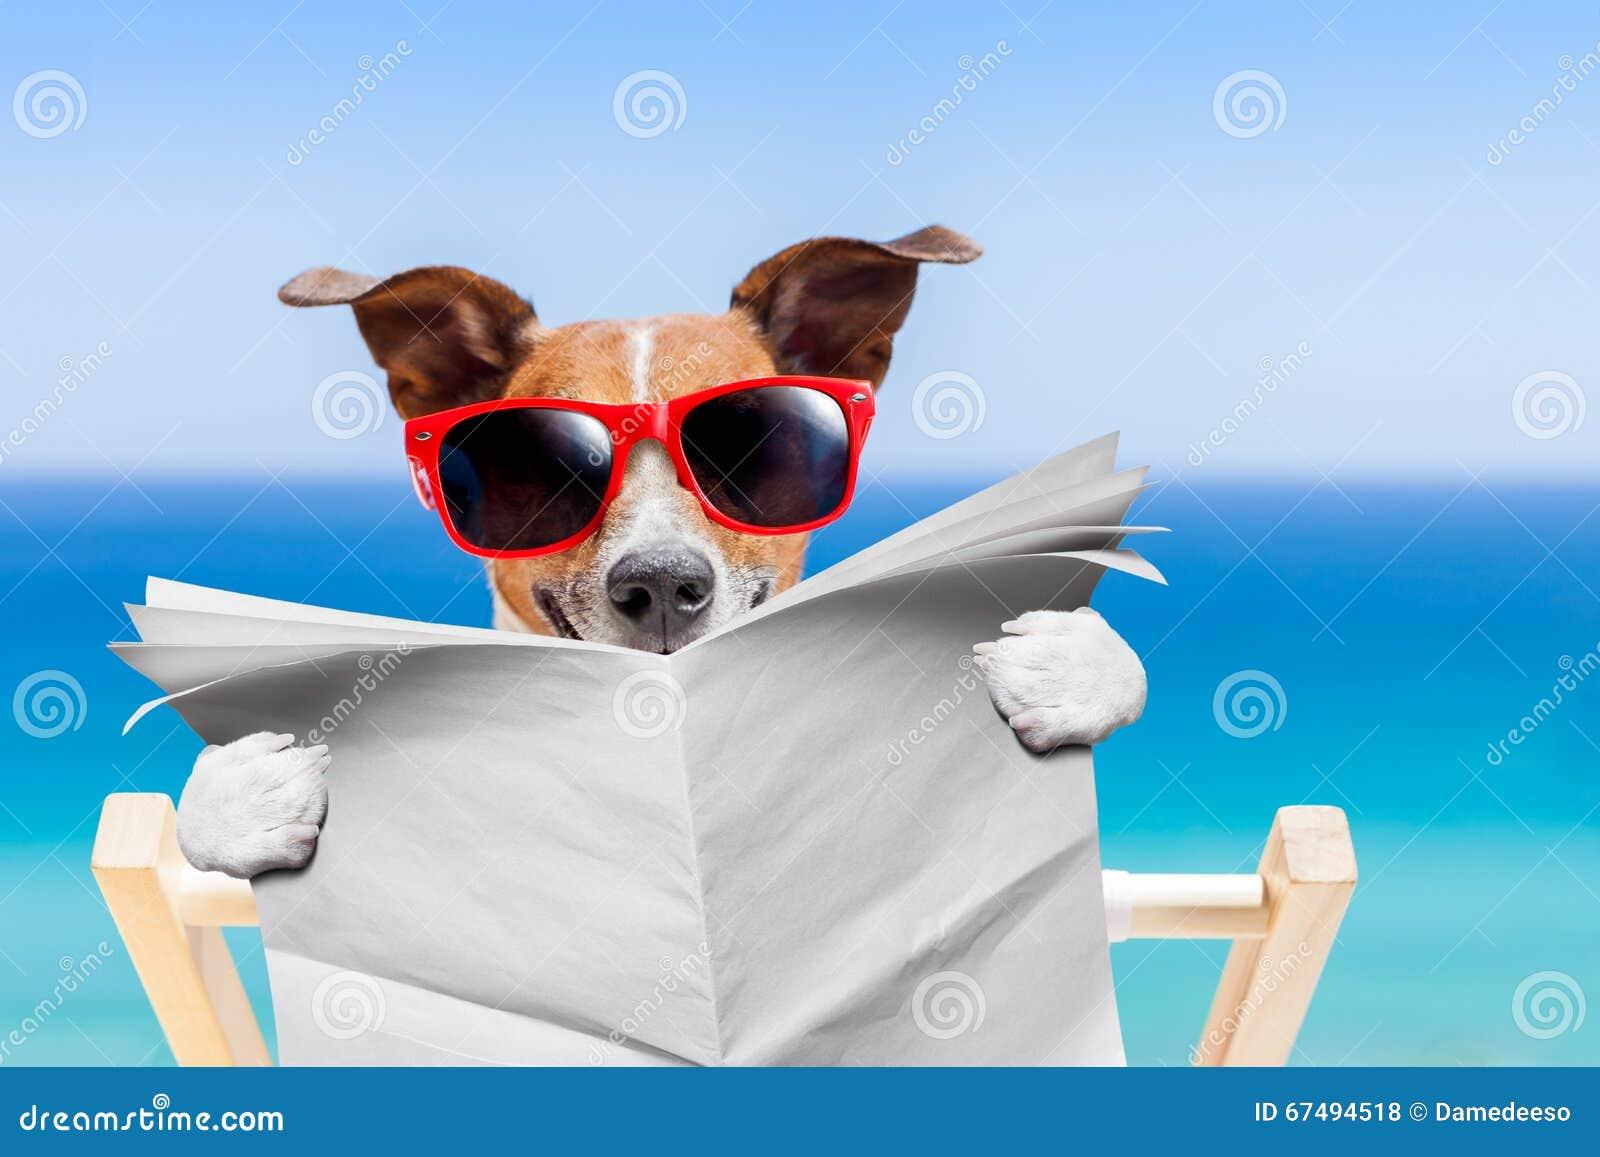 夏天海滩狗图片